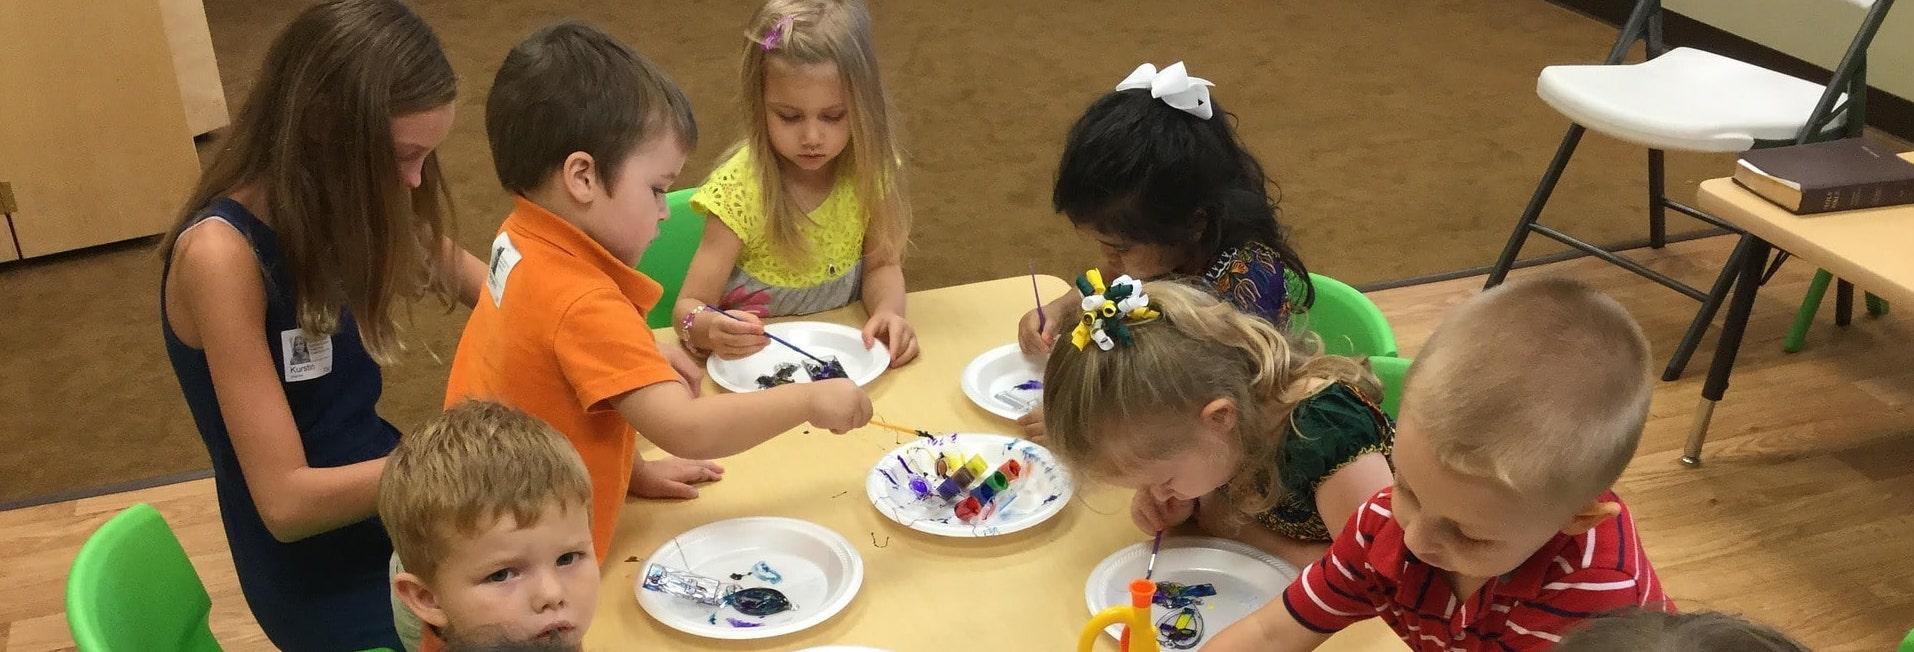 preschoolers-1191122_1920-min